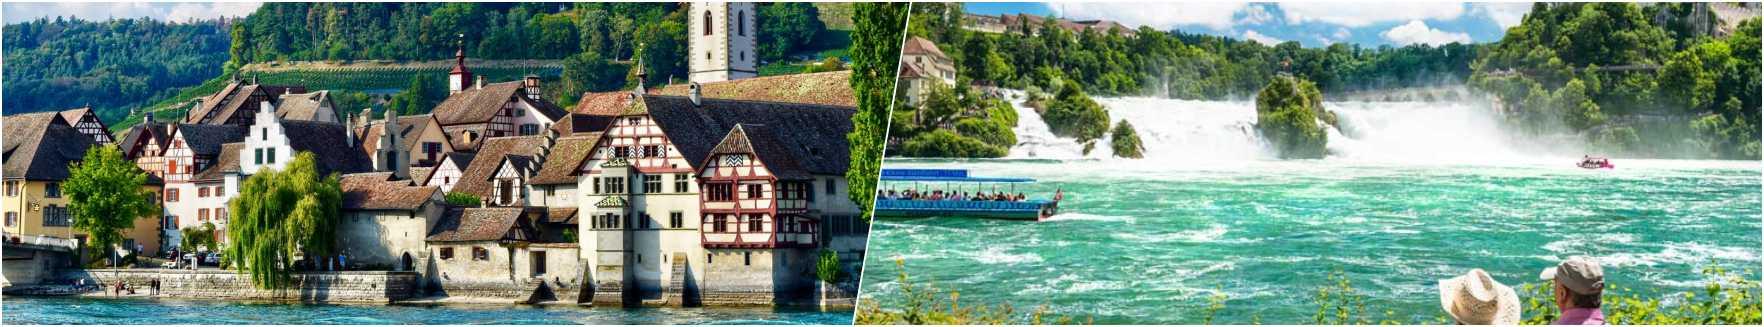 Schaffhausen - Rhine Falls